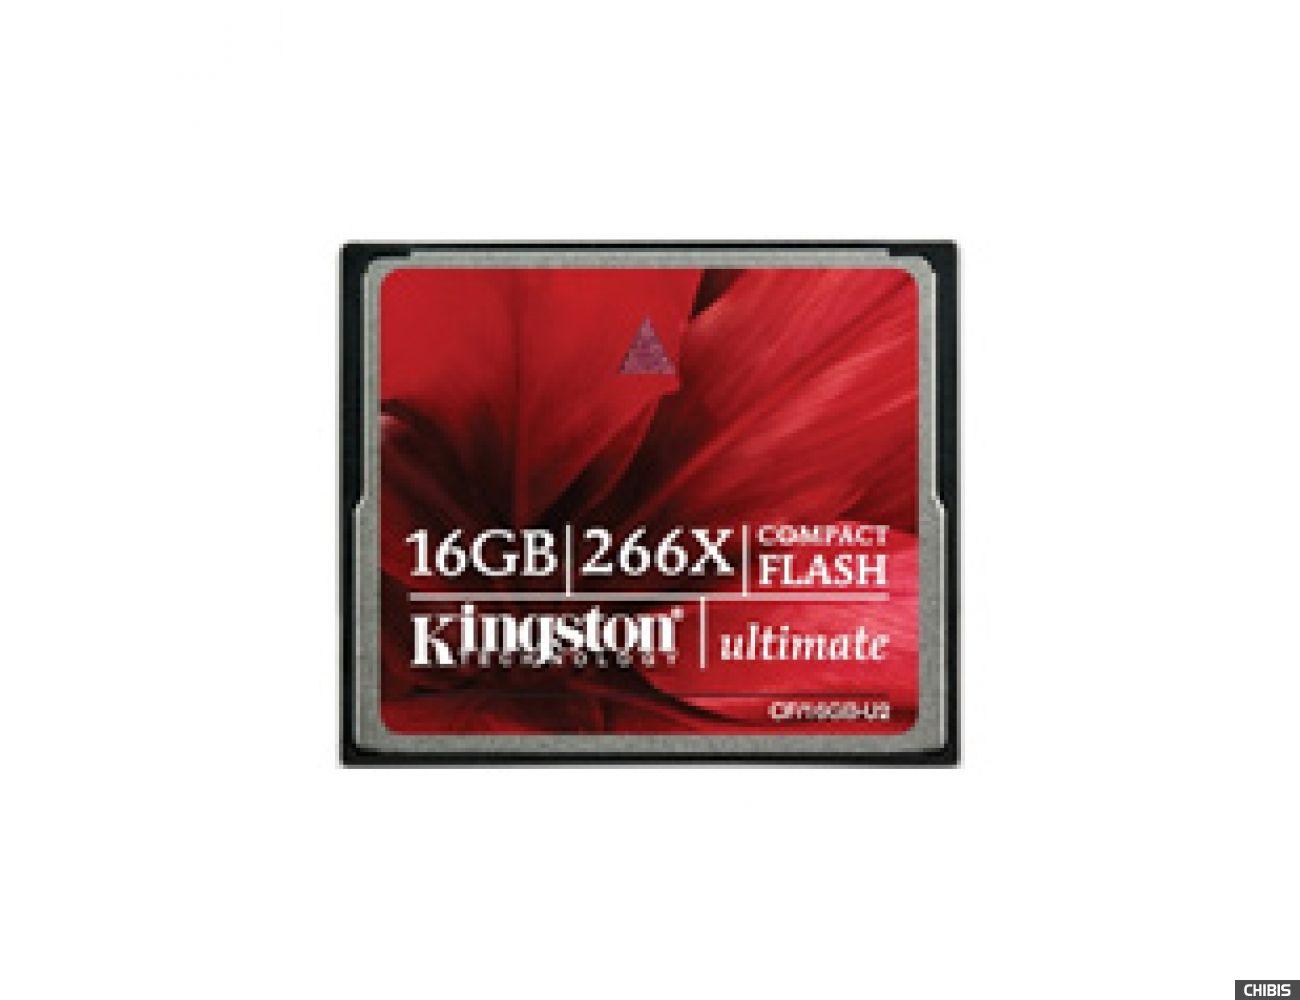 Карта памяти Kingston Compact Flash 16GB (266x)